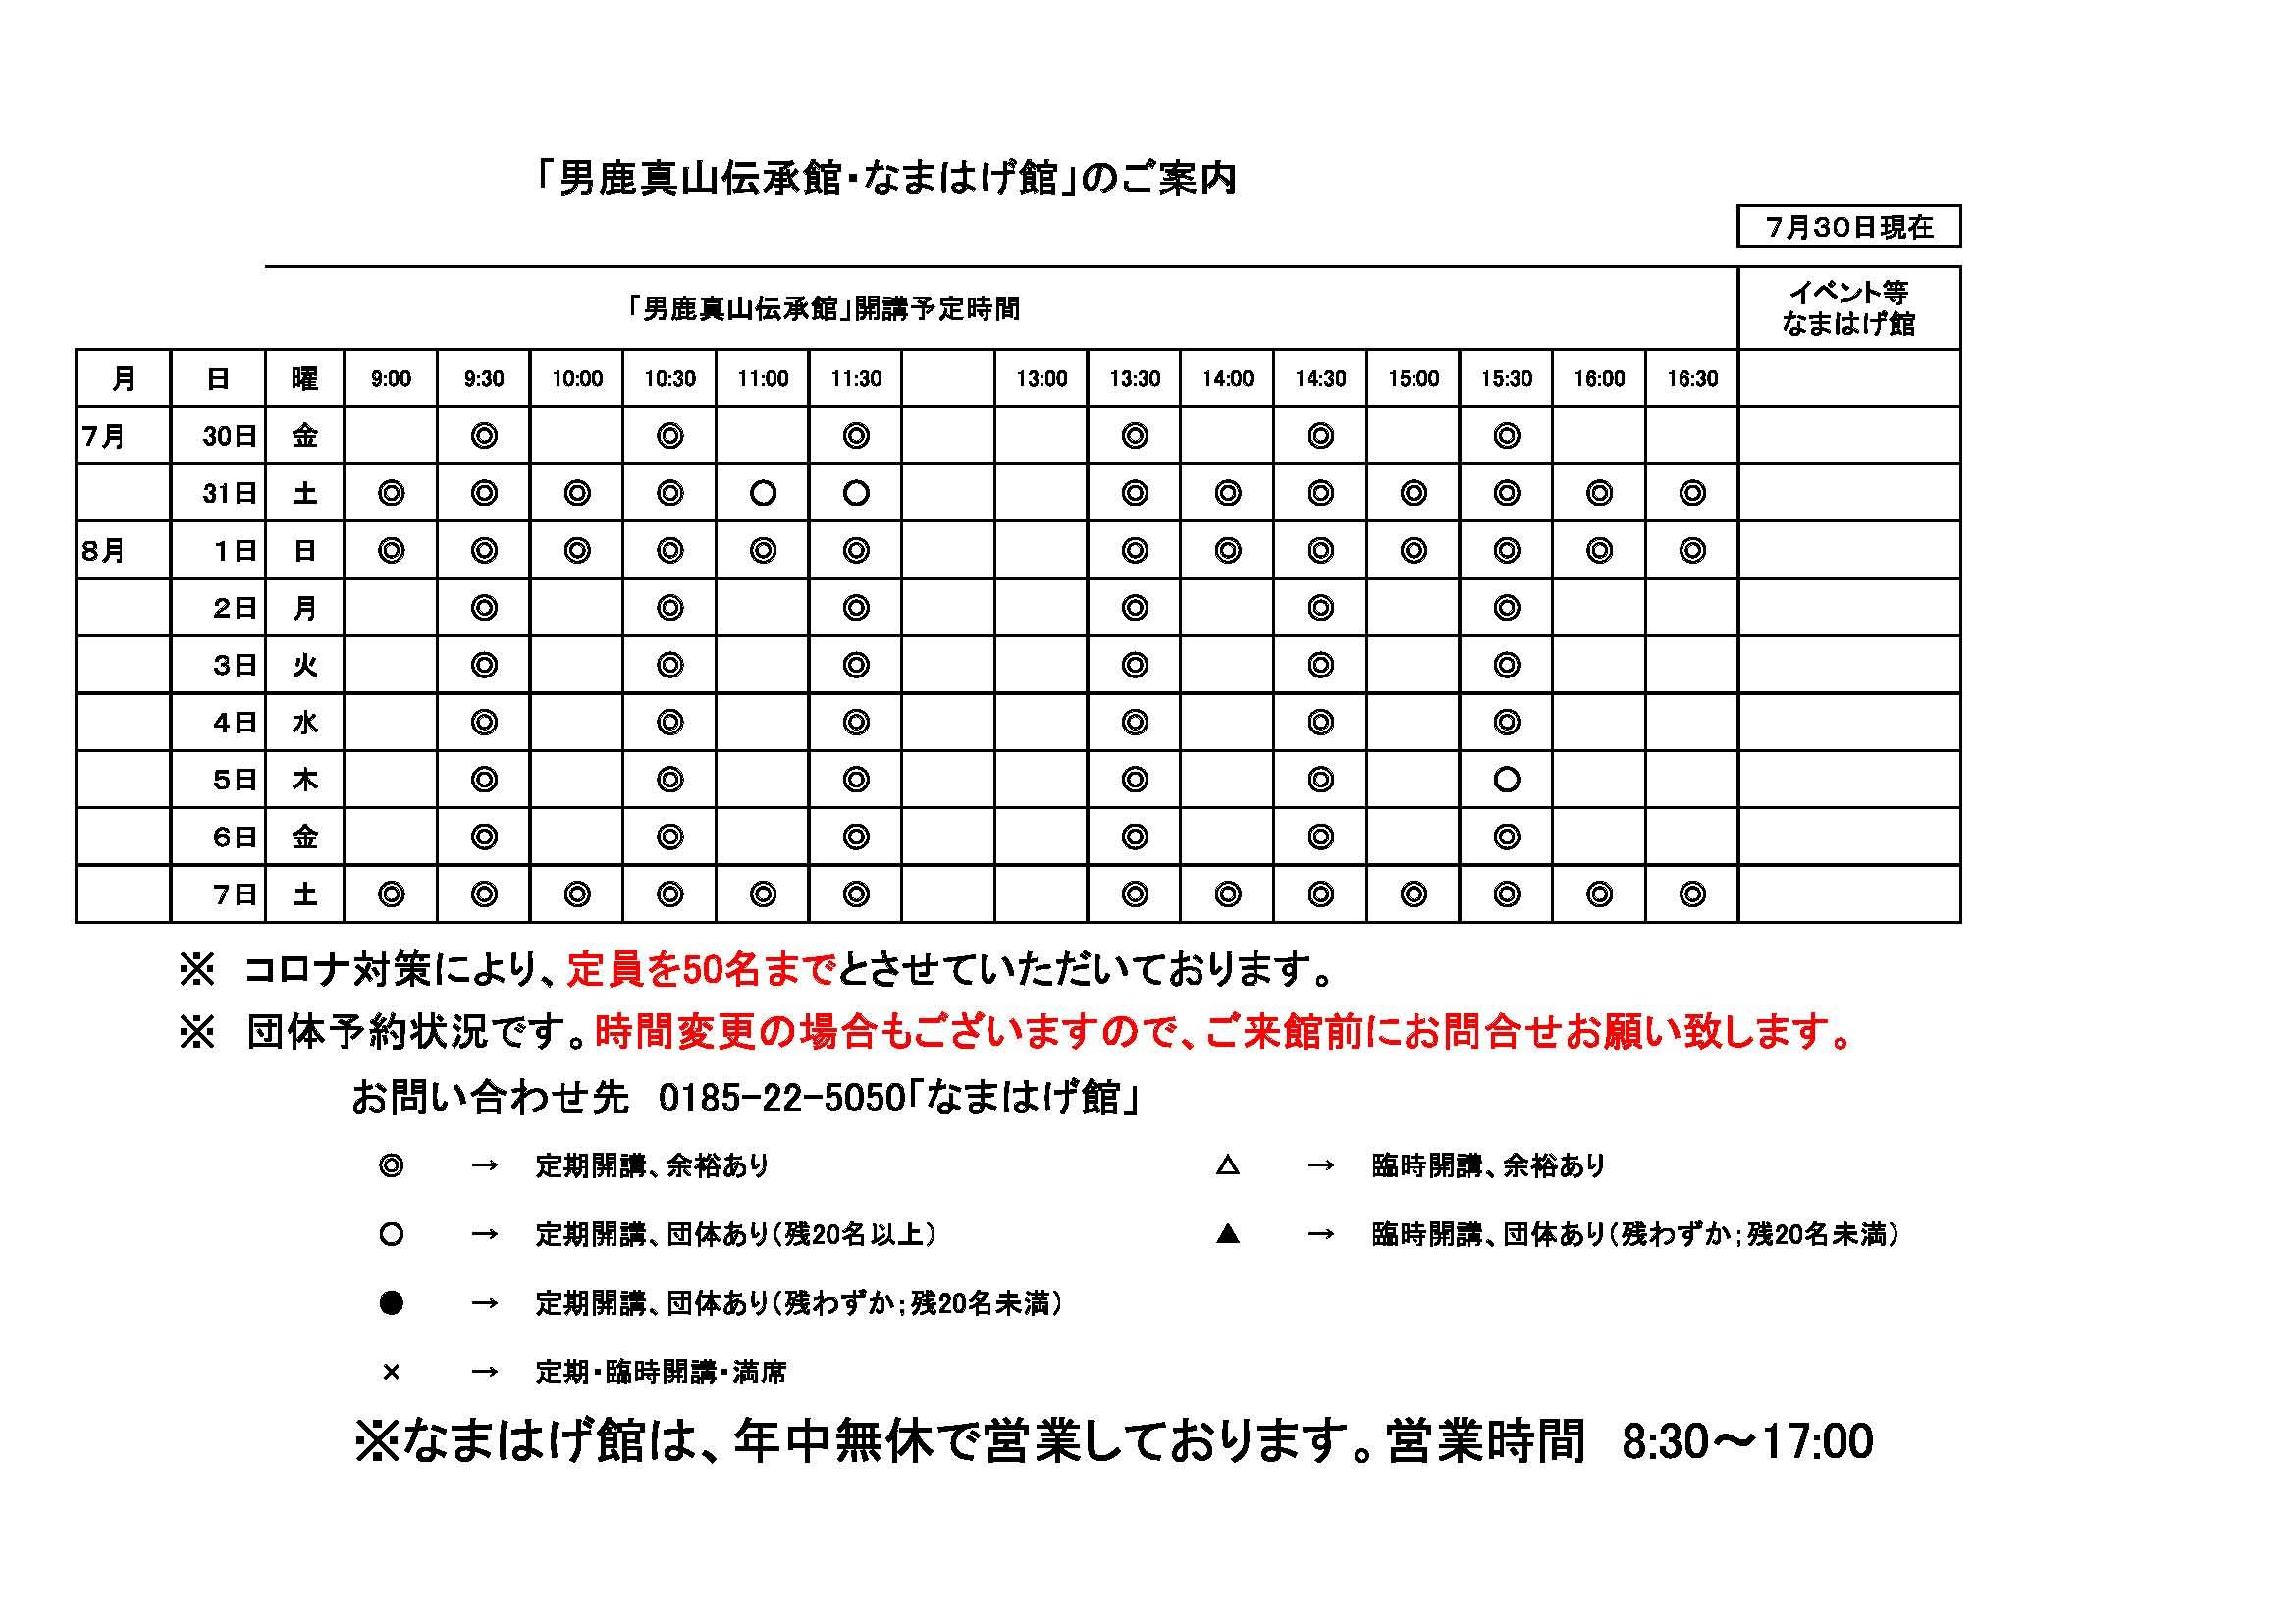 伝承館お知らせ(7月30日) (1)_ページ_1.jpg